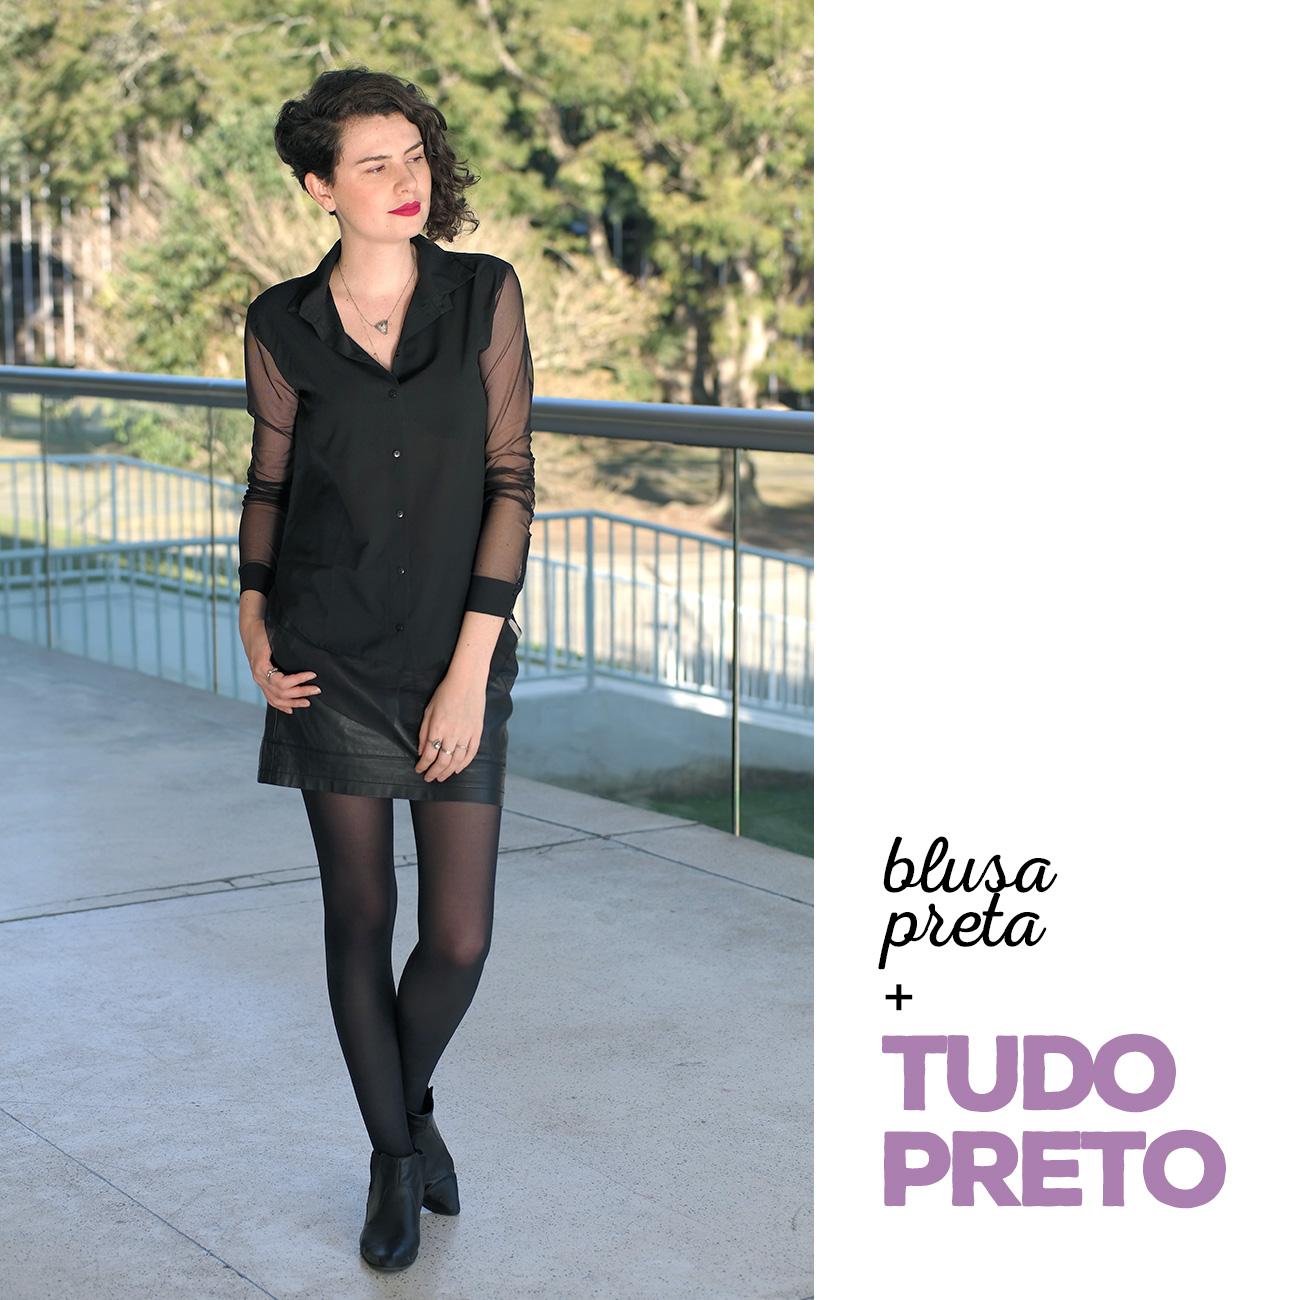 blusa-preta-saia-preta-all-black